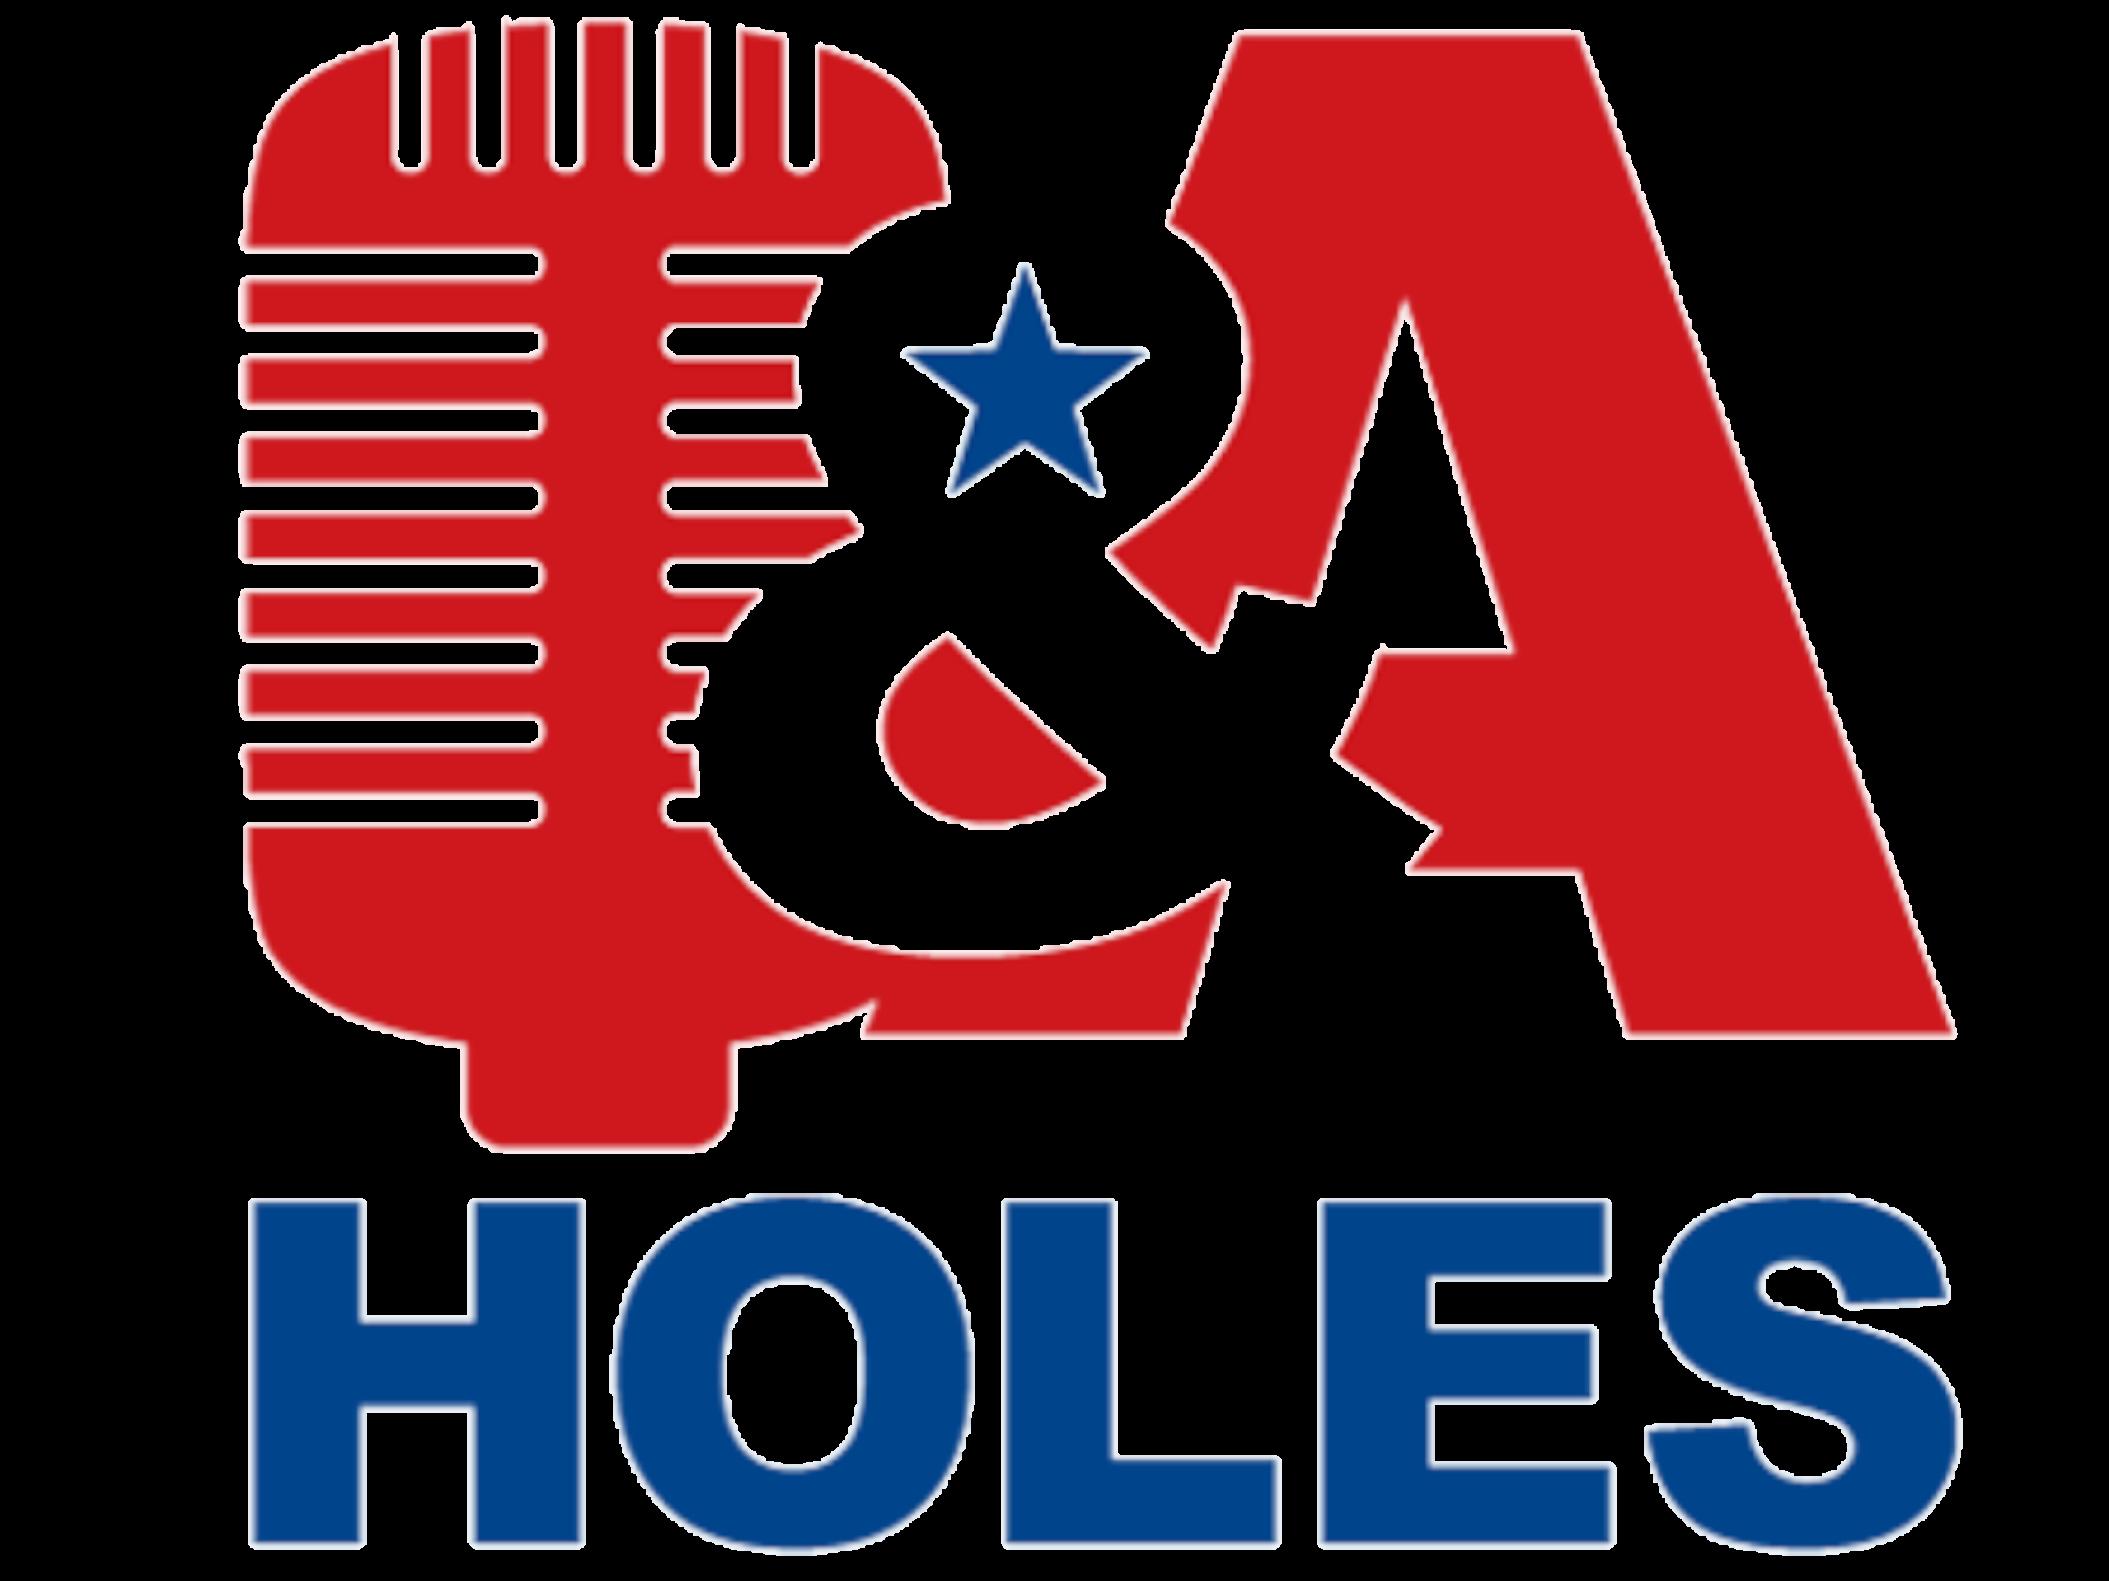 Q&A Holes